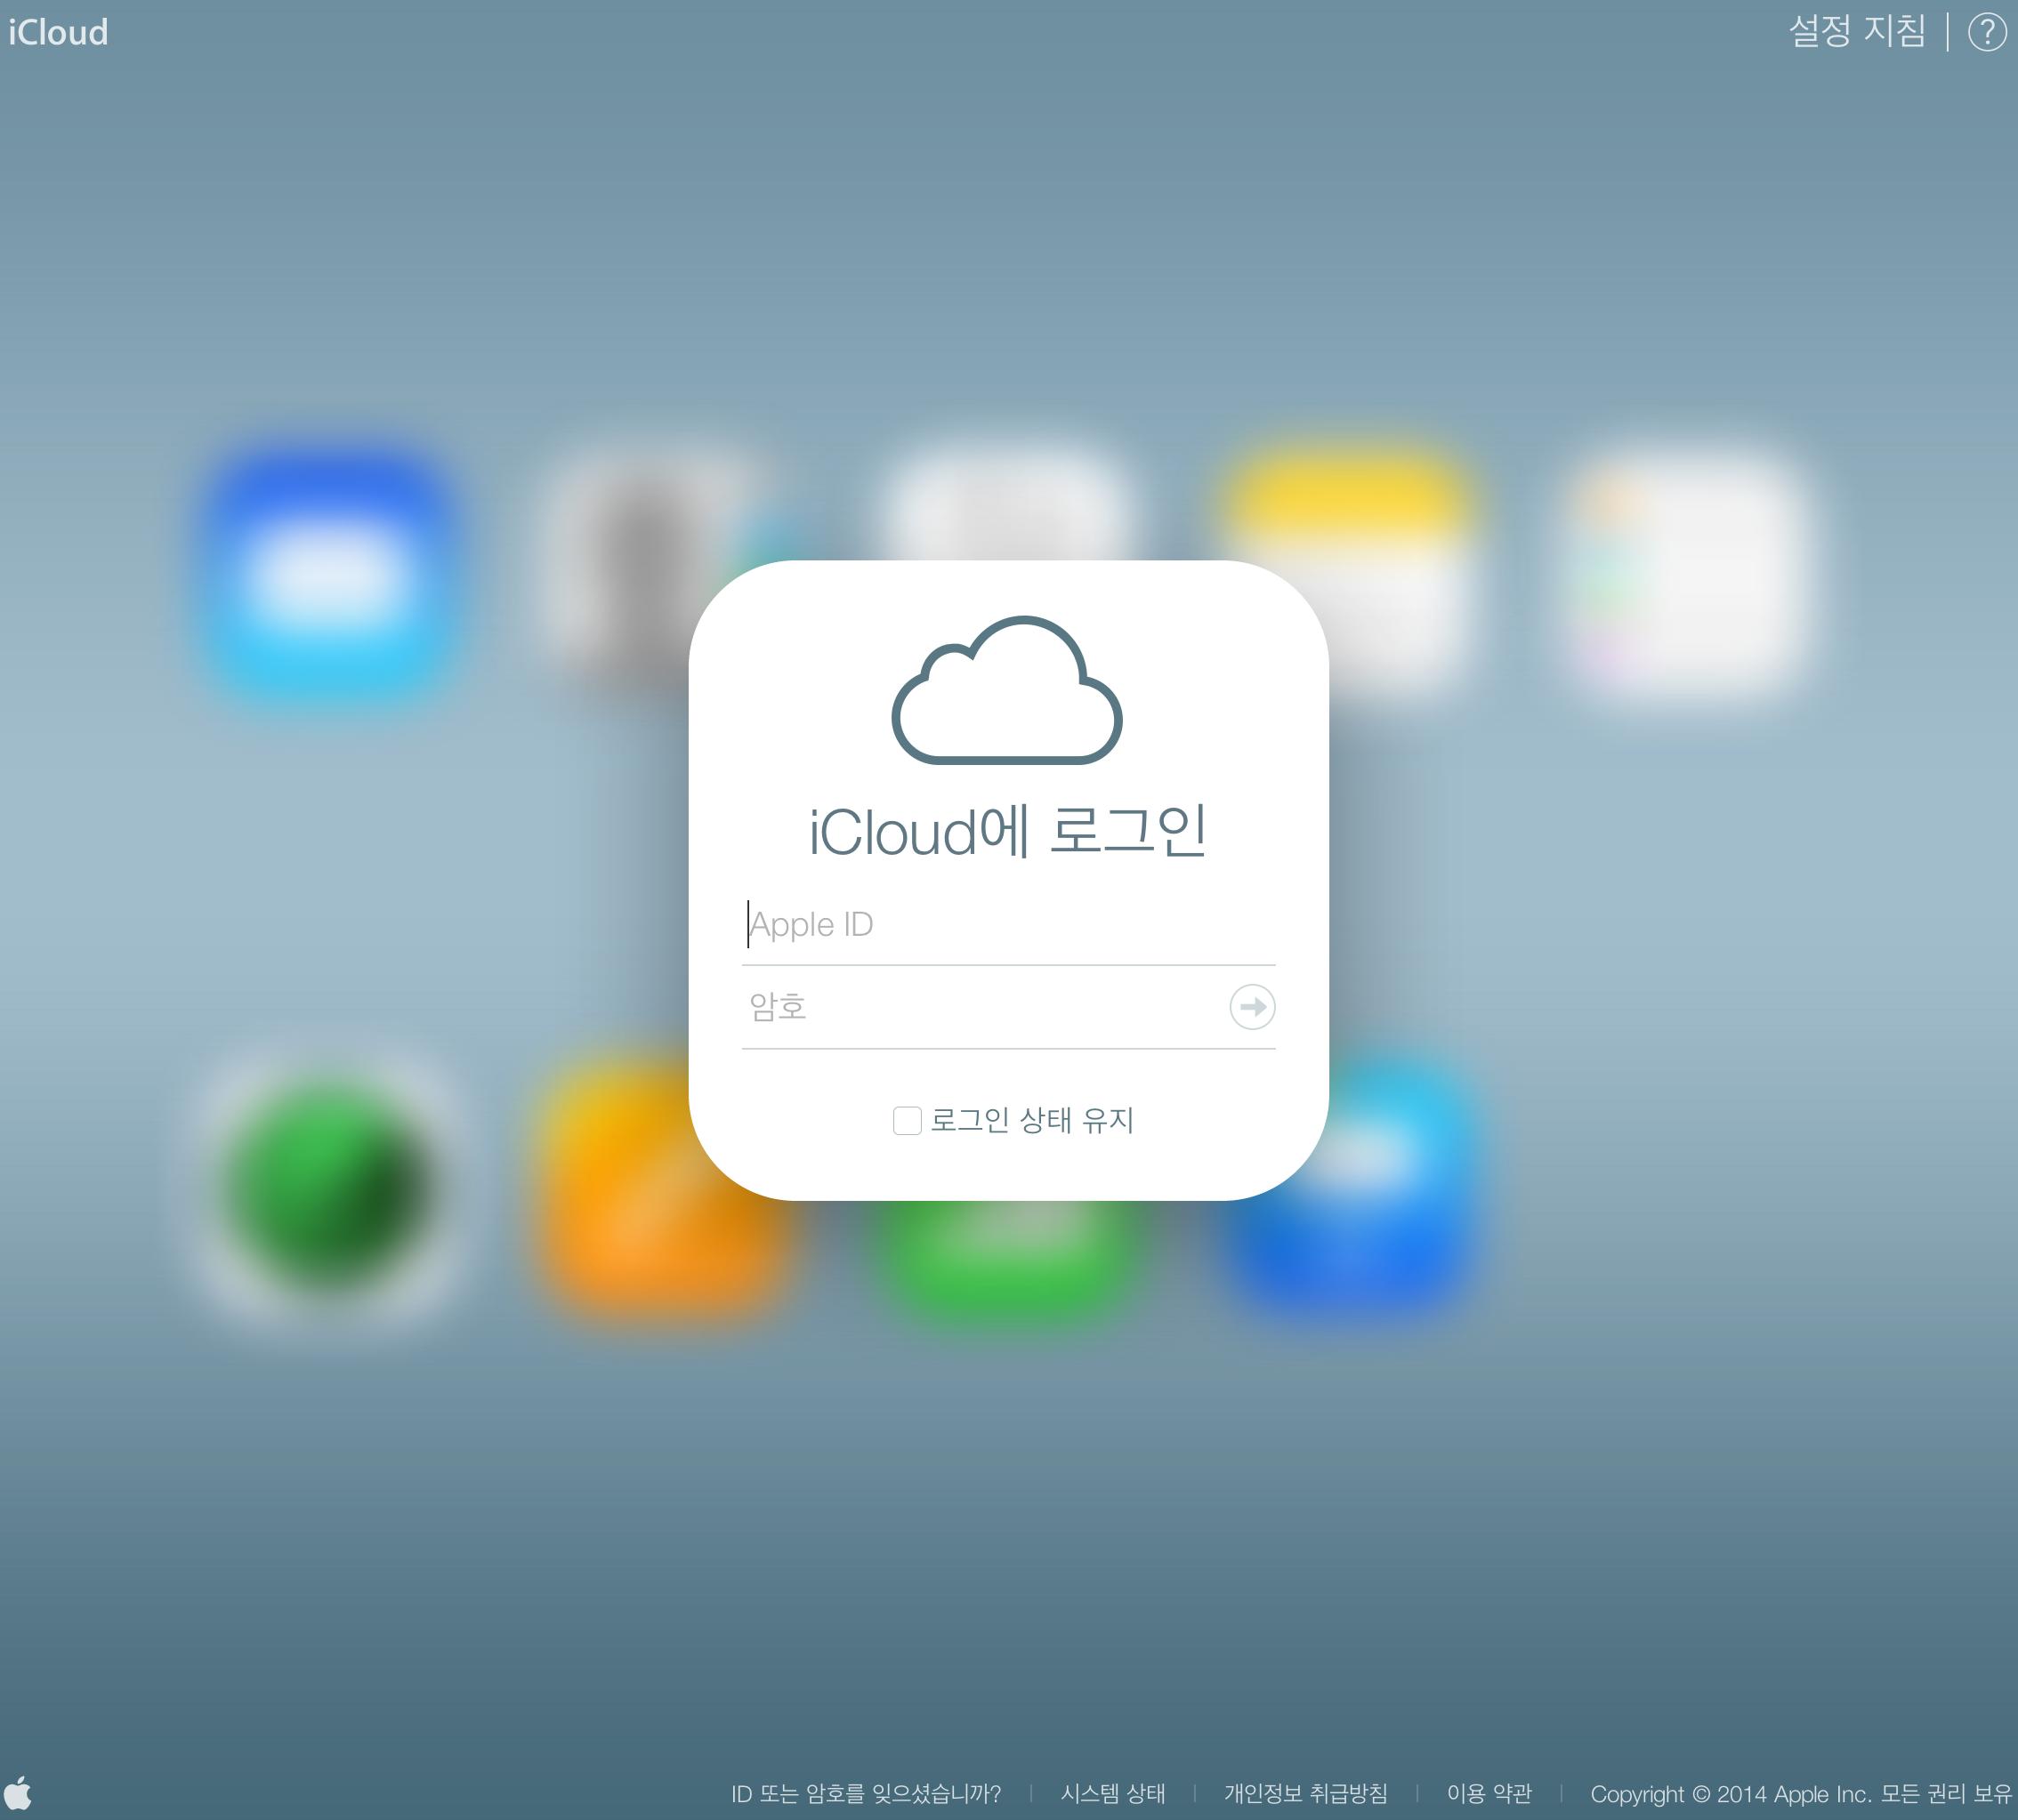 iWork for iCloud 업데이트 및 레티나 지원